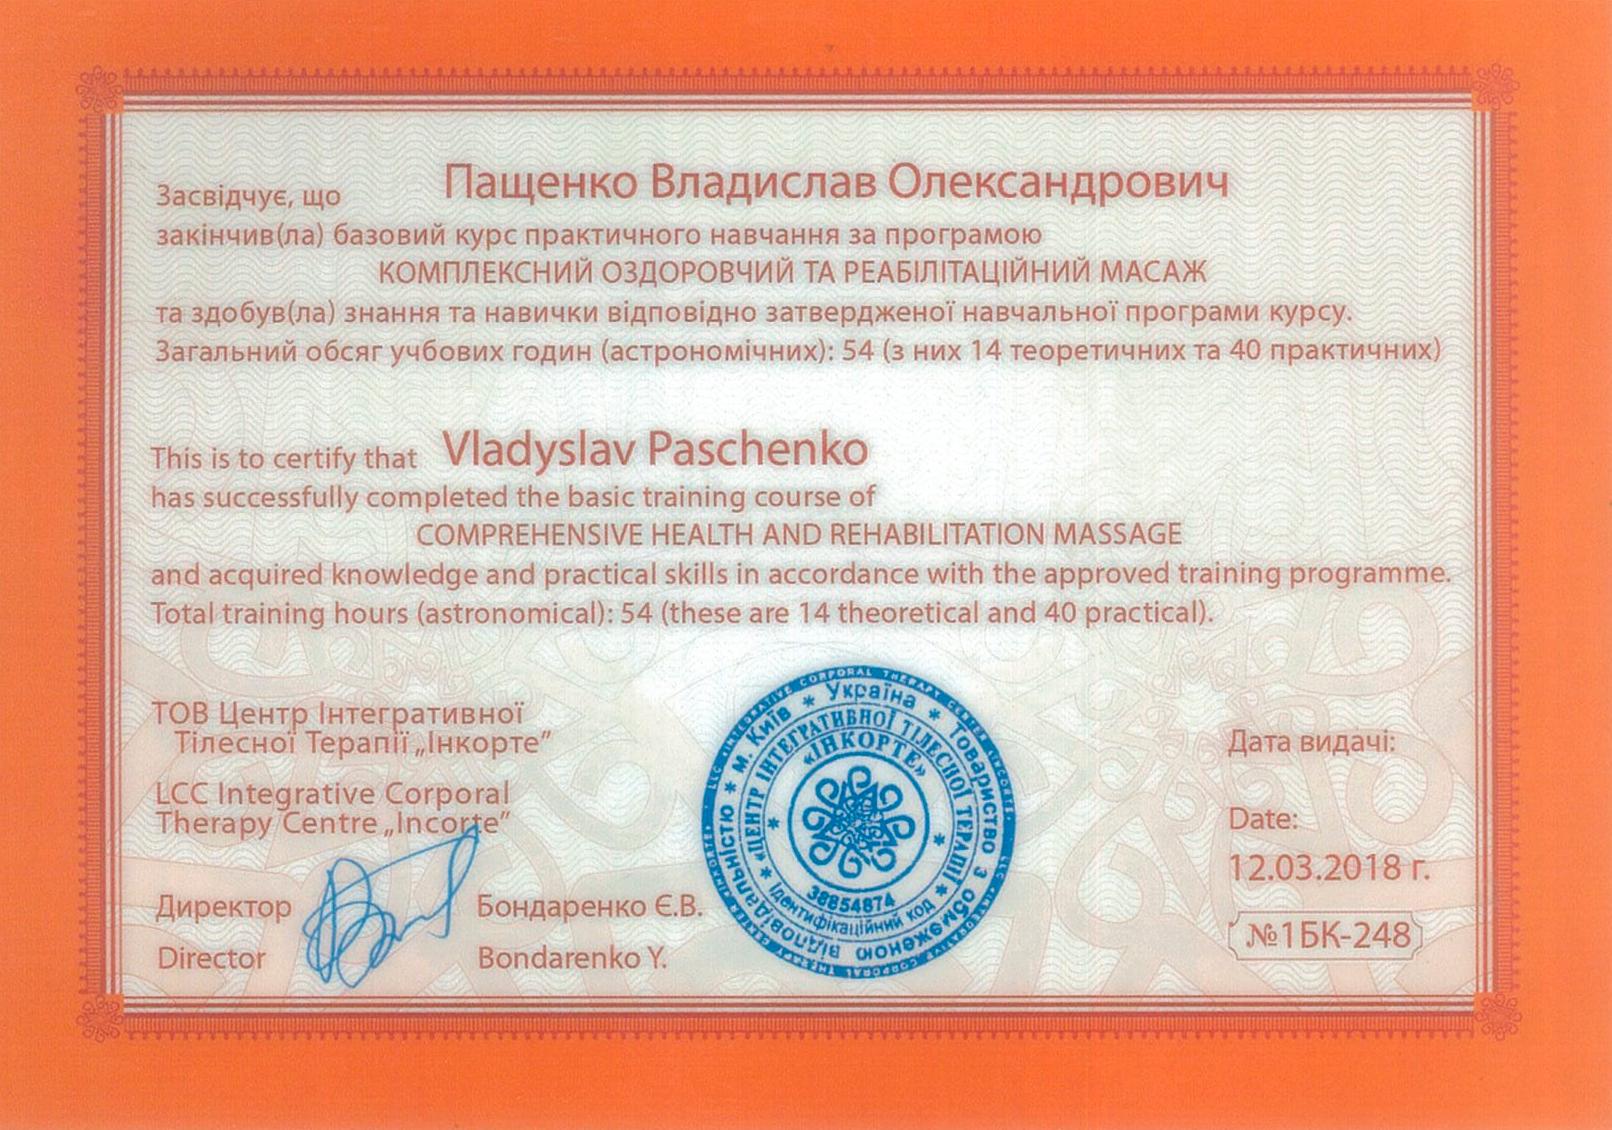 img-Z14141216-0001-1.jpg